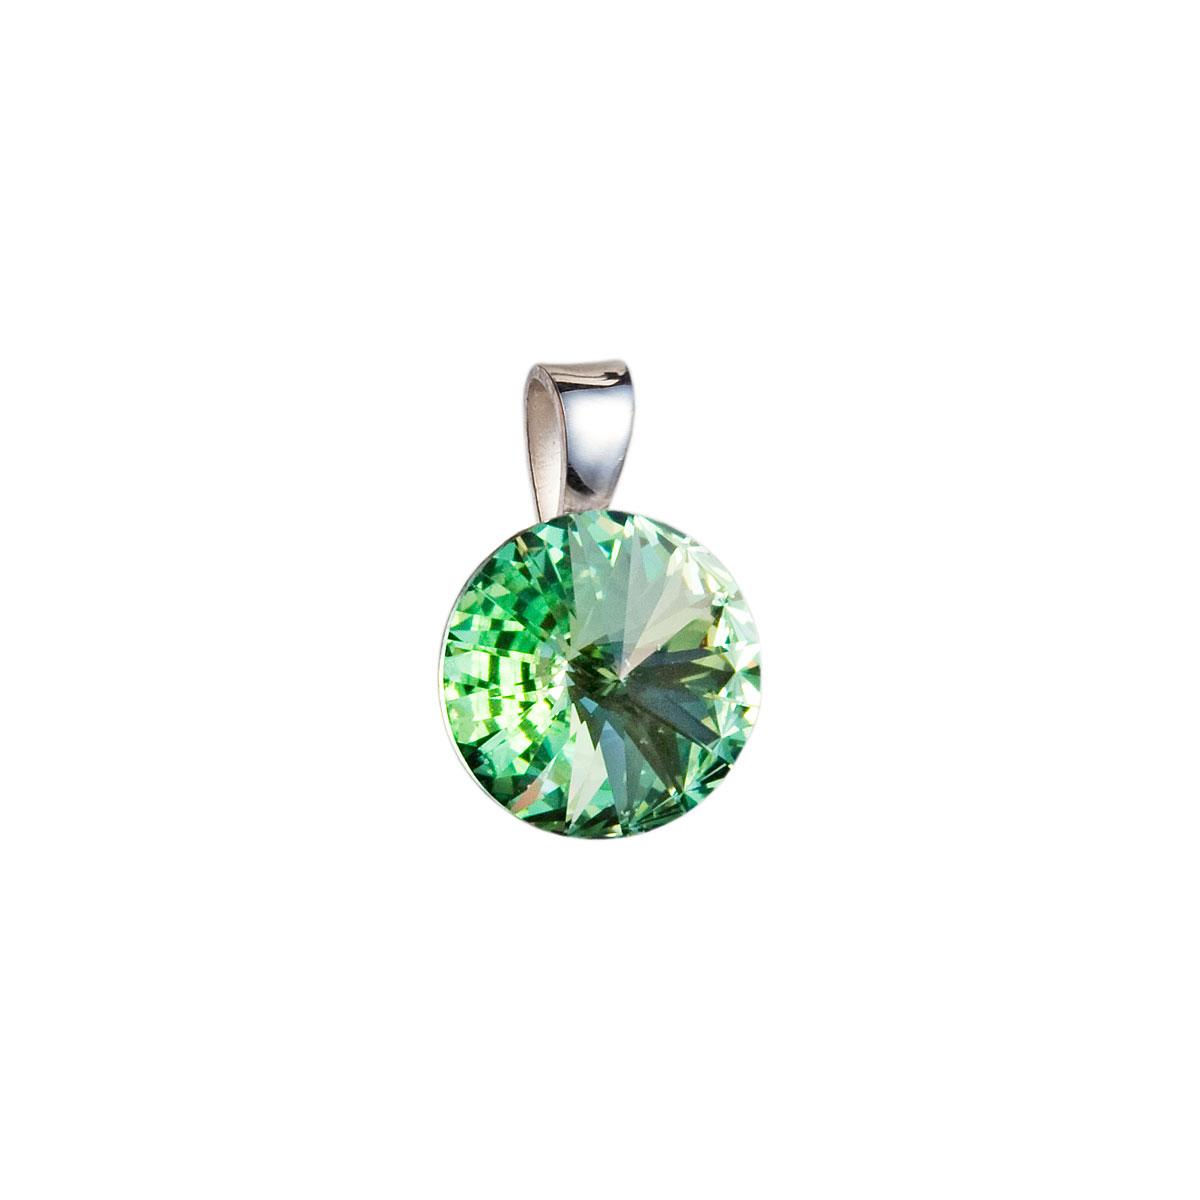 Strieborný prívesok s krištáľmi Swarovski zelený okrúhly-rivoli 34112.3